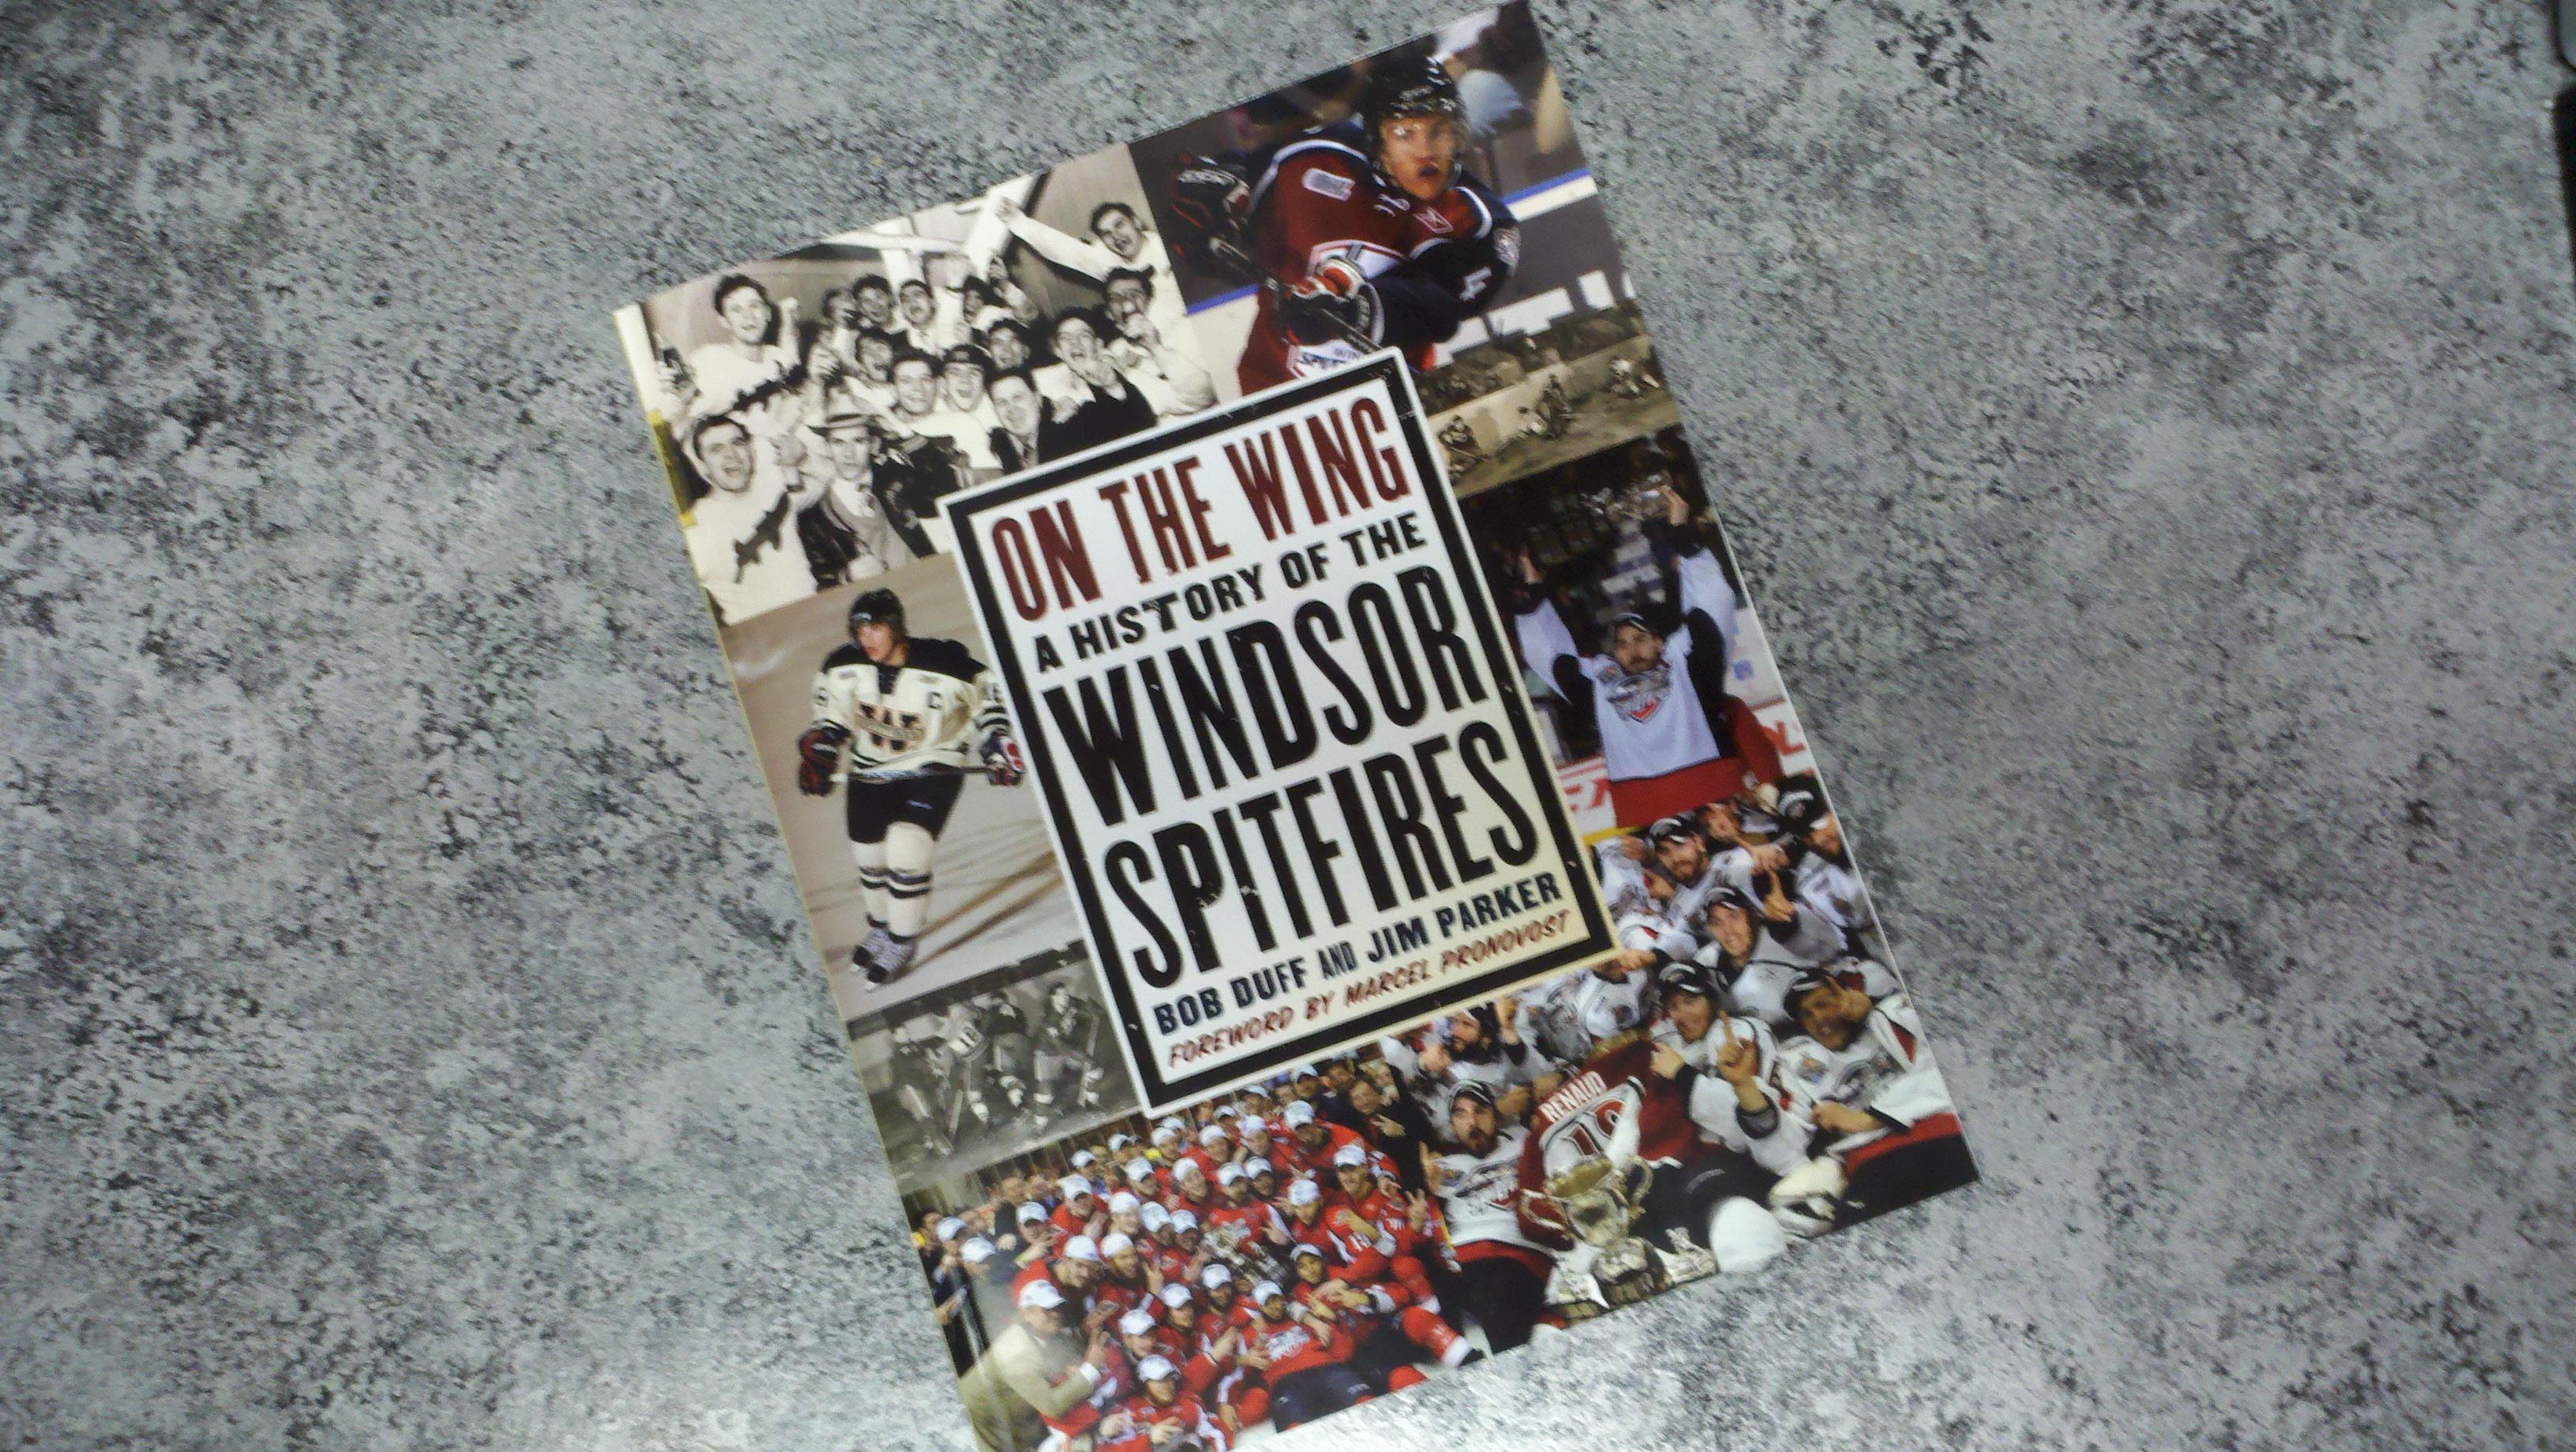 Spitfires Book